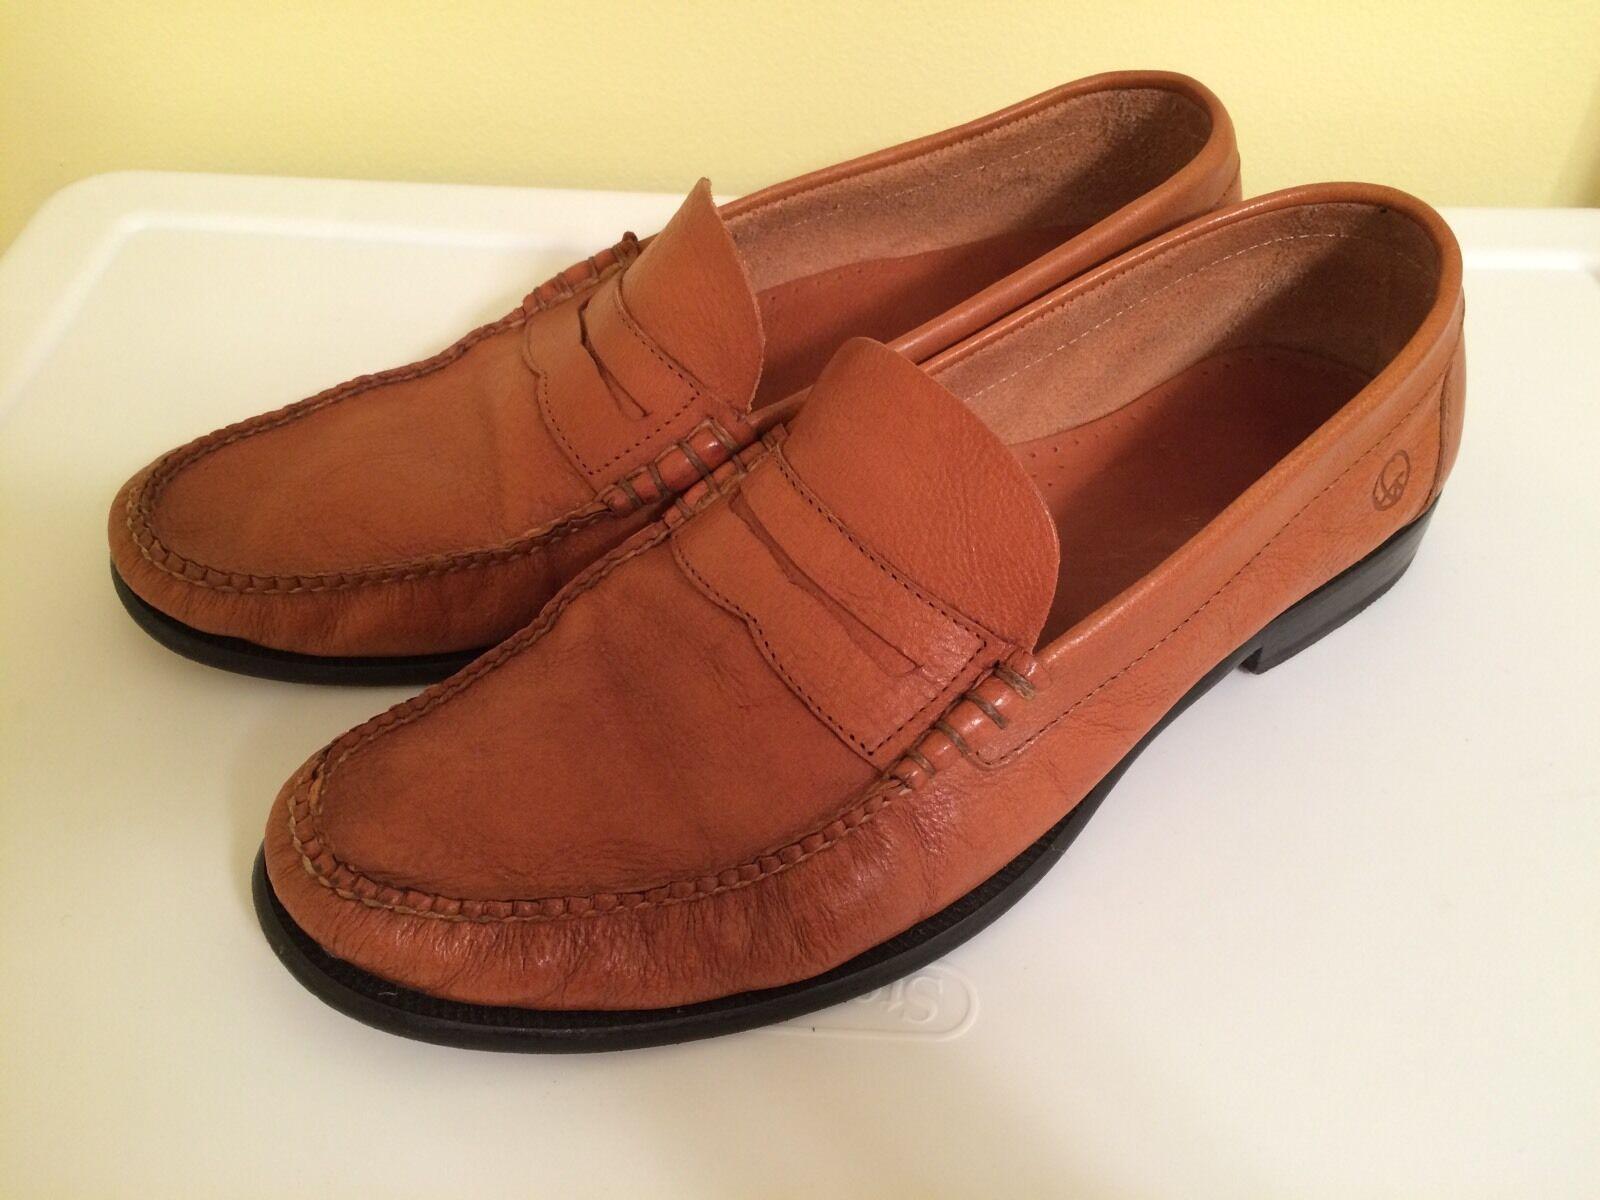 nuovo sadico Artola Brooklyn    Uomo scarpe Loafer Tan Leather Handsewn Dimensione 12 M  esclusivo